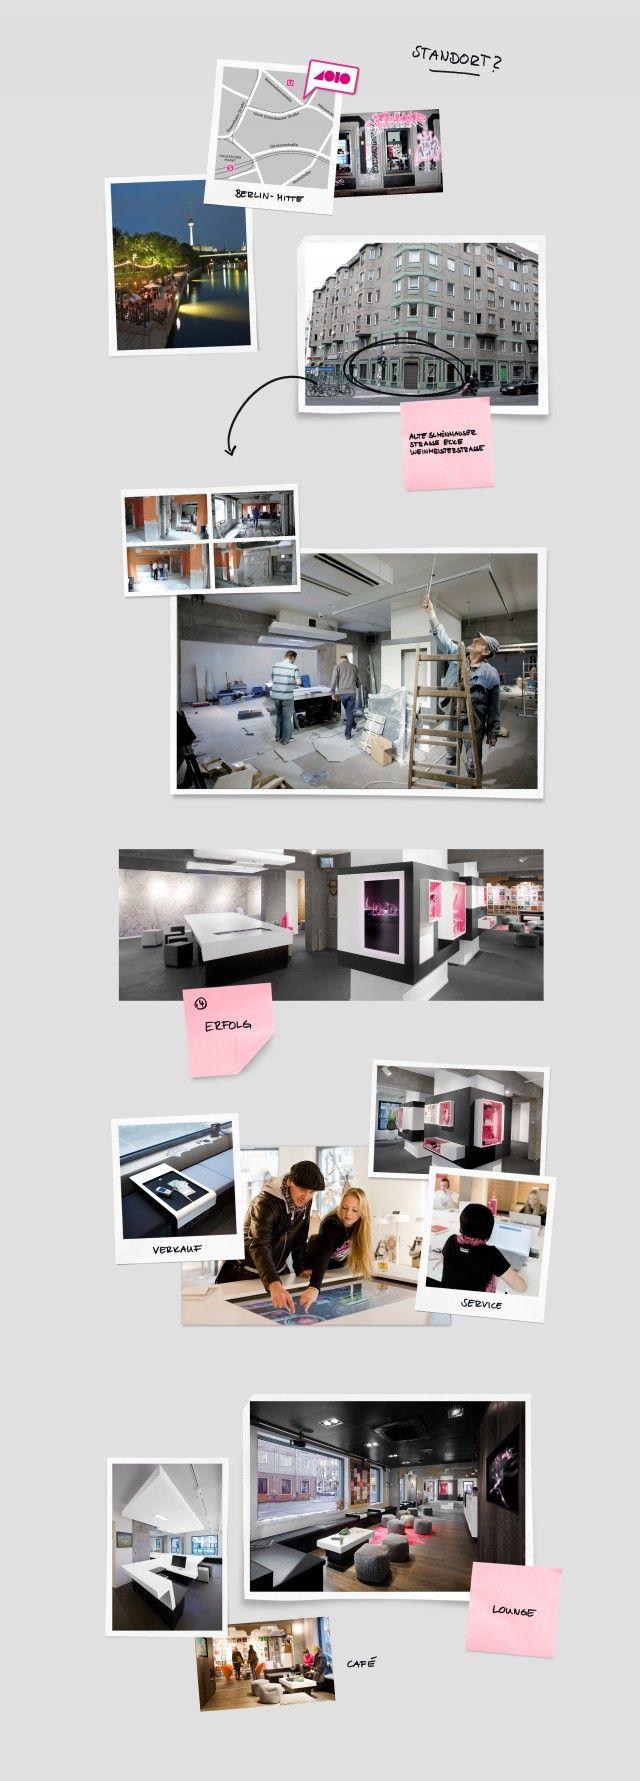 4010 Community Store für die Deutsche Telekom AG 2008 – 2011. Mehr zum Case: http://www.mutabor.de/de/work/deutsche-telekom-ag-−-4010-community-store-concept